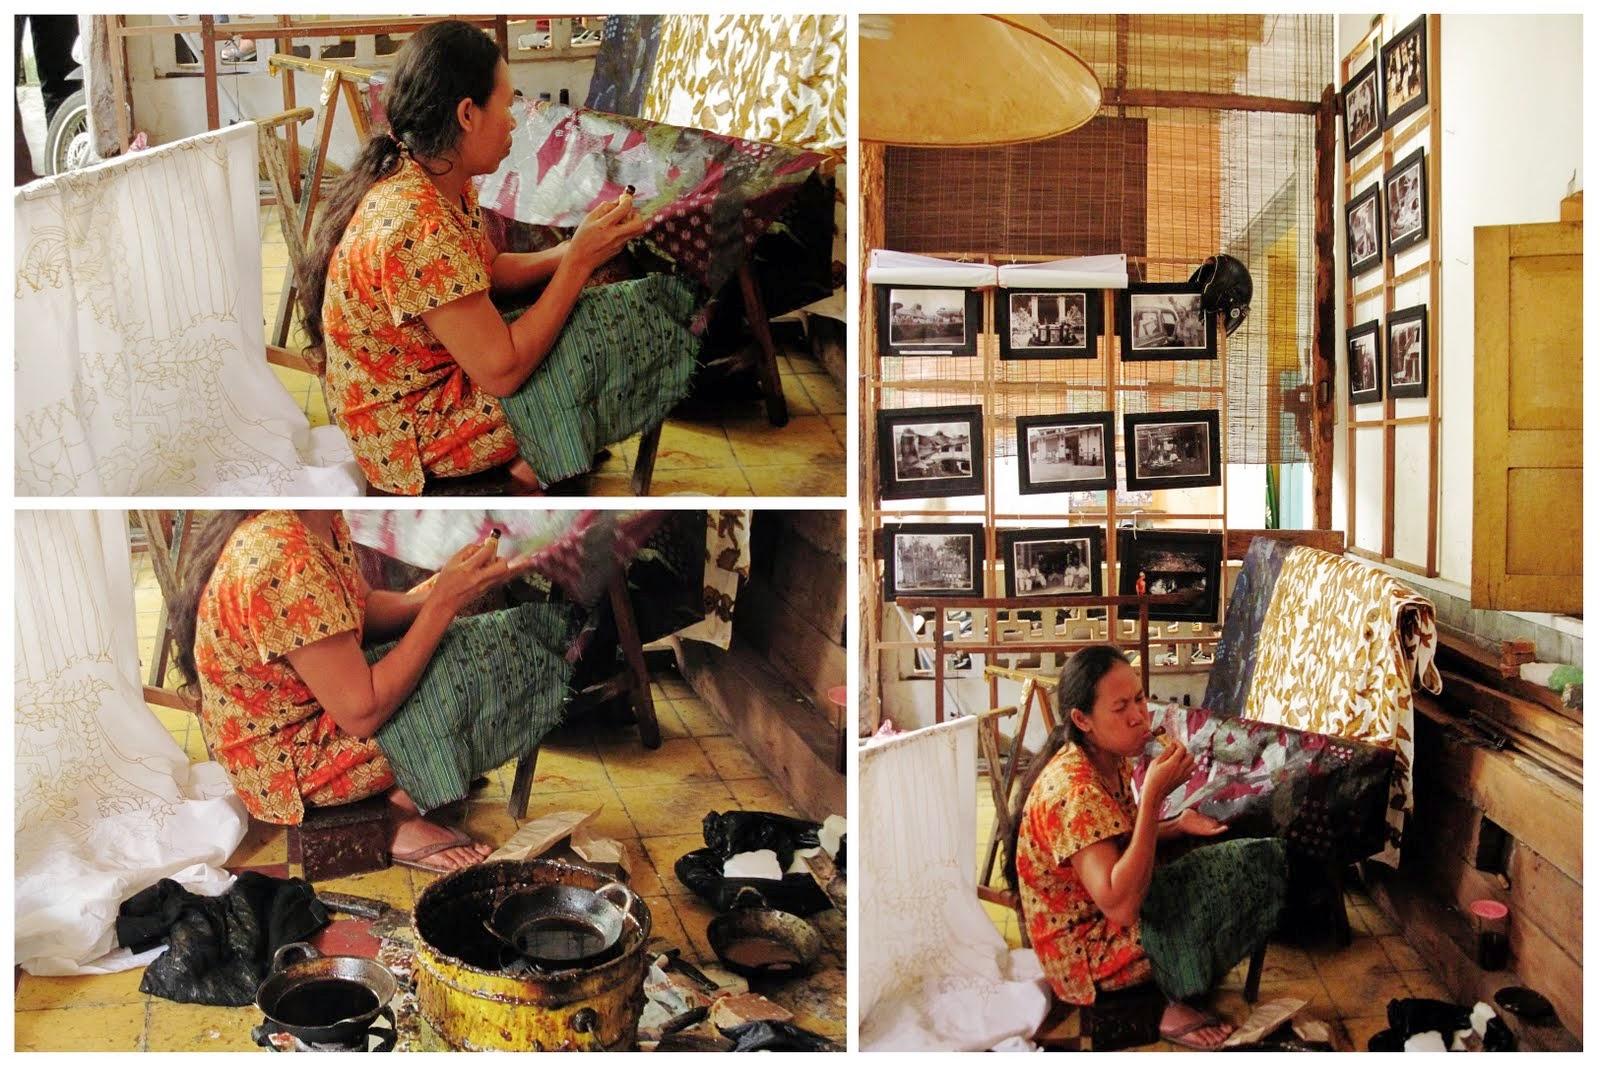 Kampung Batik, Pusat Batik Semarangan